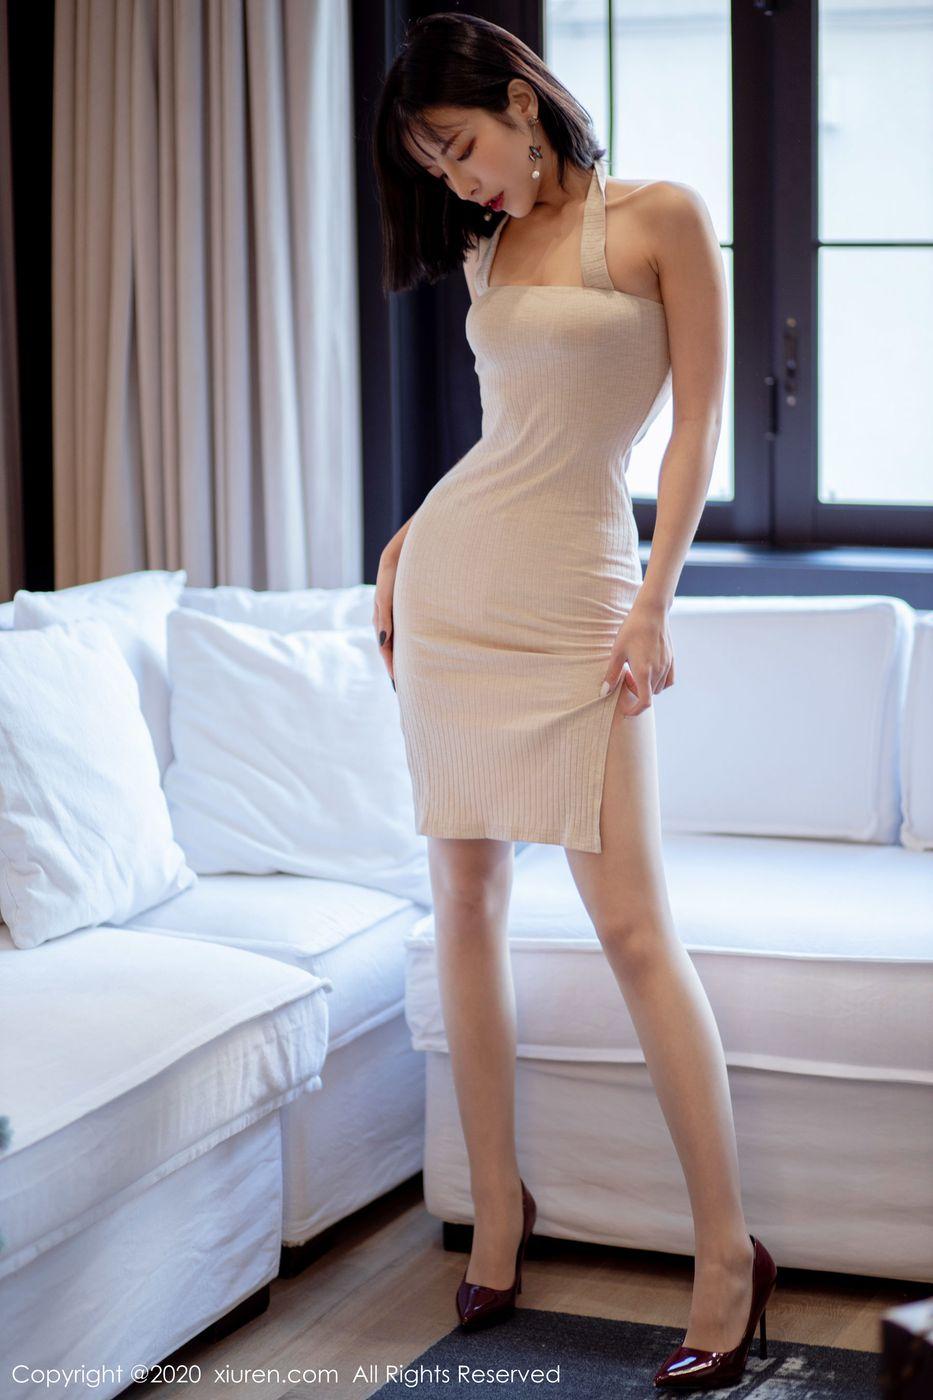 Vol.720 吊裙丝袜美腿高跟鞋翘臀美胸真空美女美女模特秀人网-陈小喵完整私房照合集